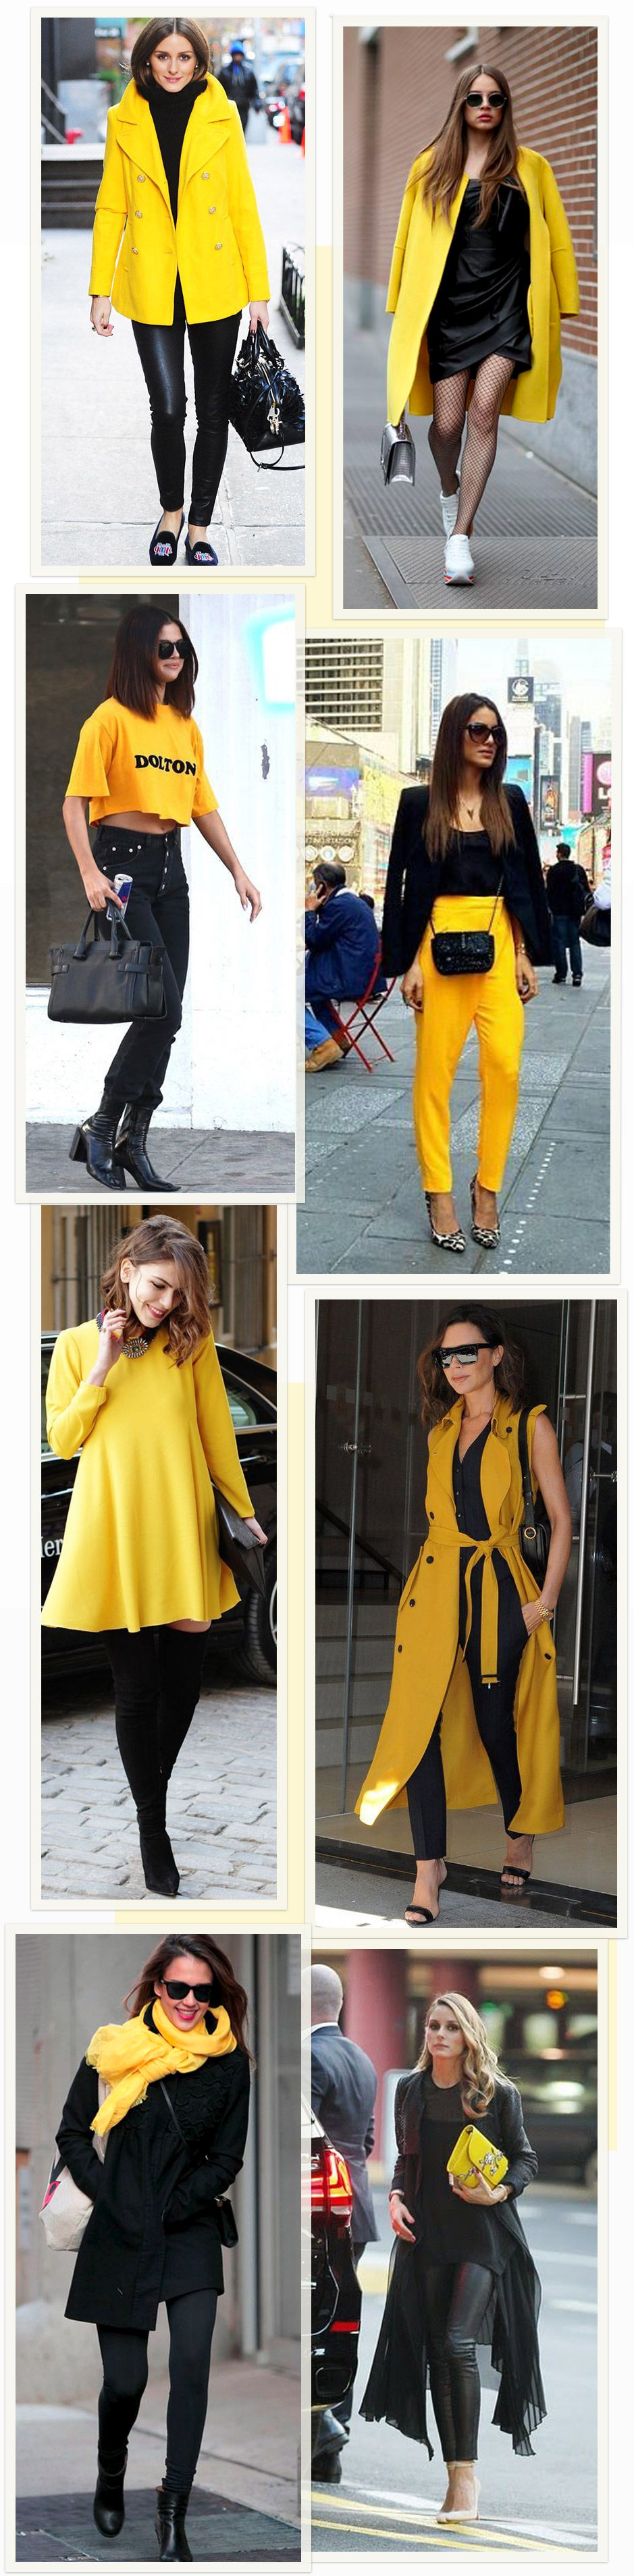 amarelo-e-preto1.jpg